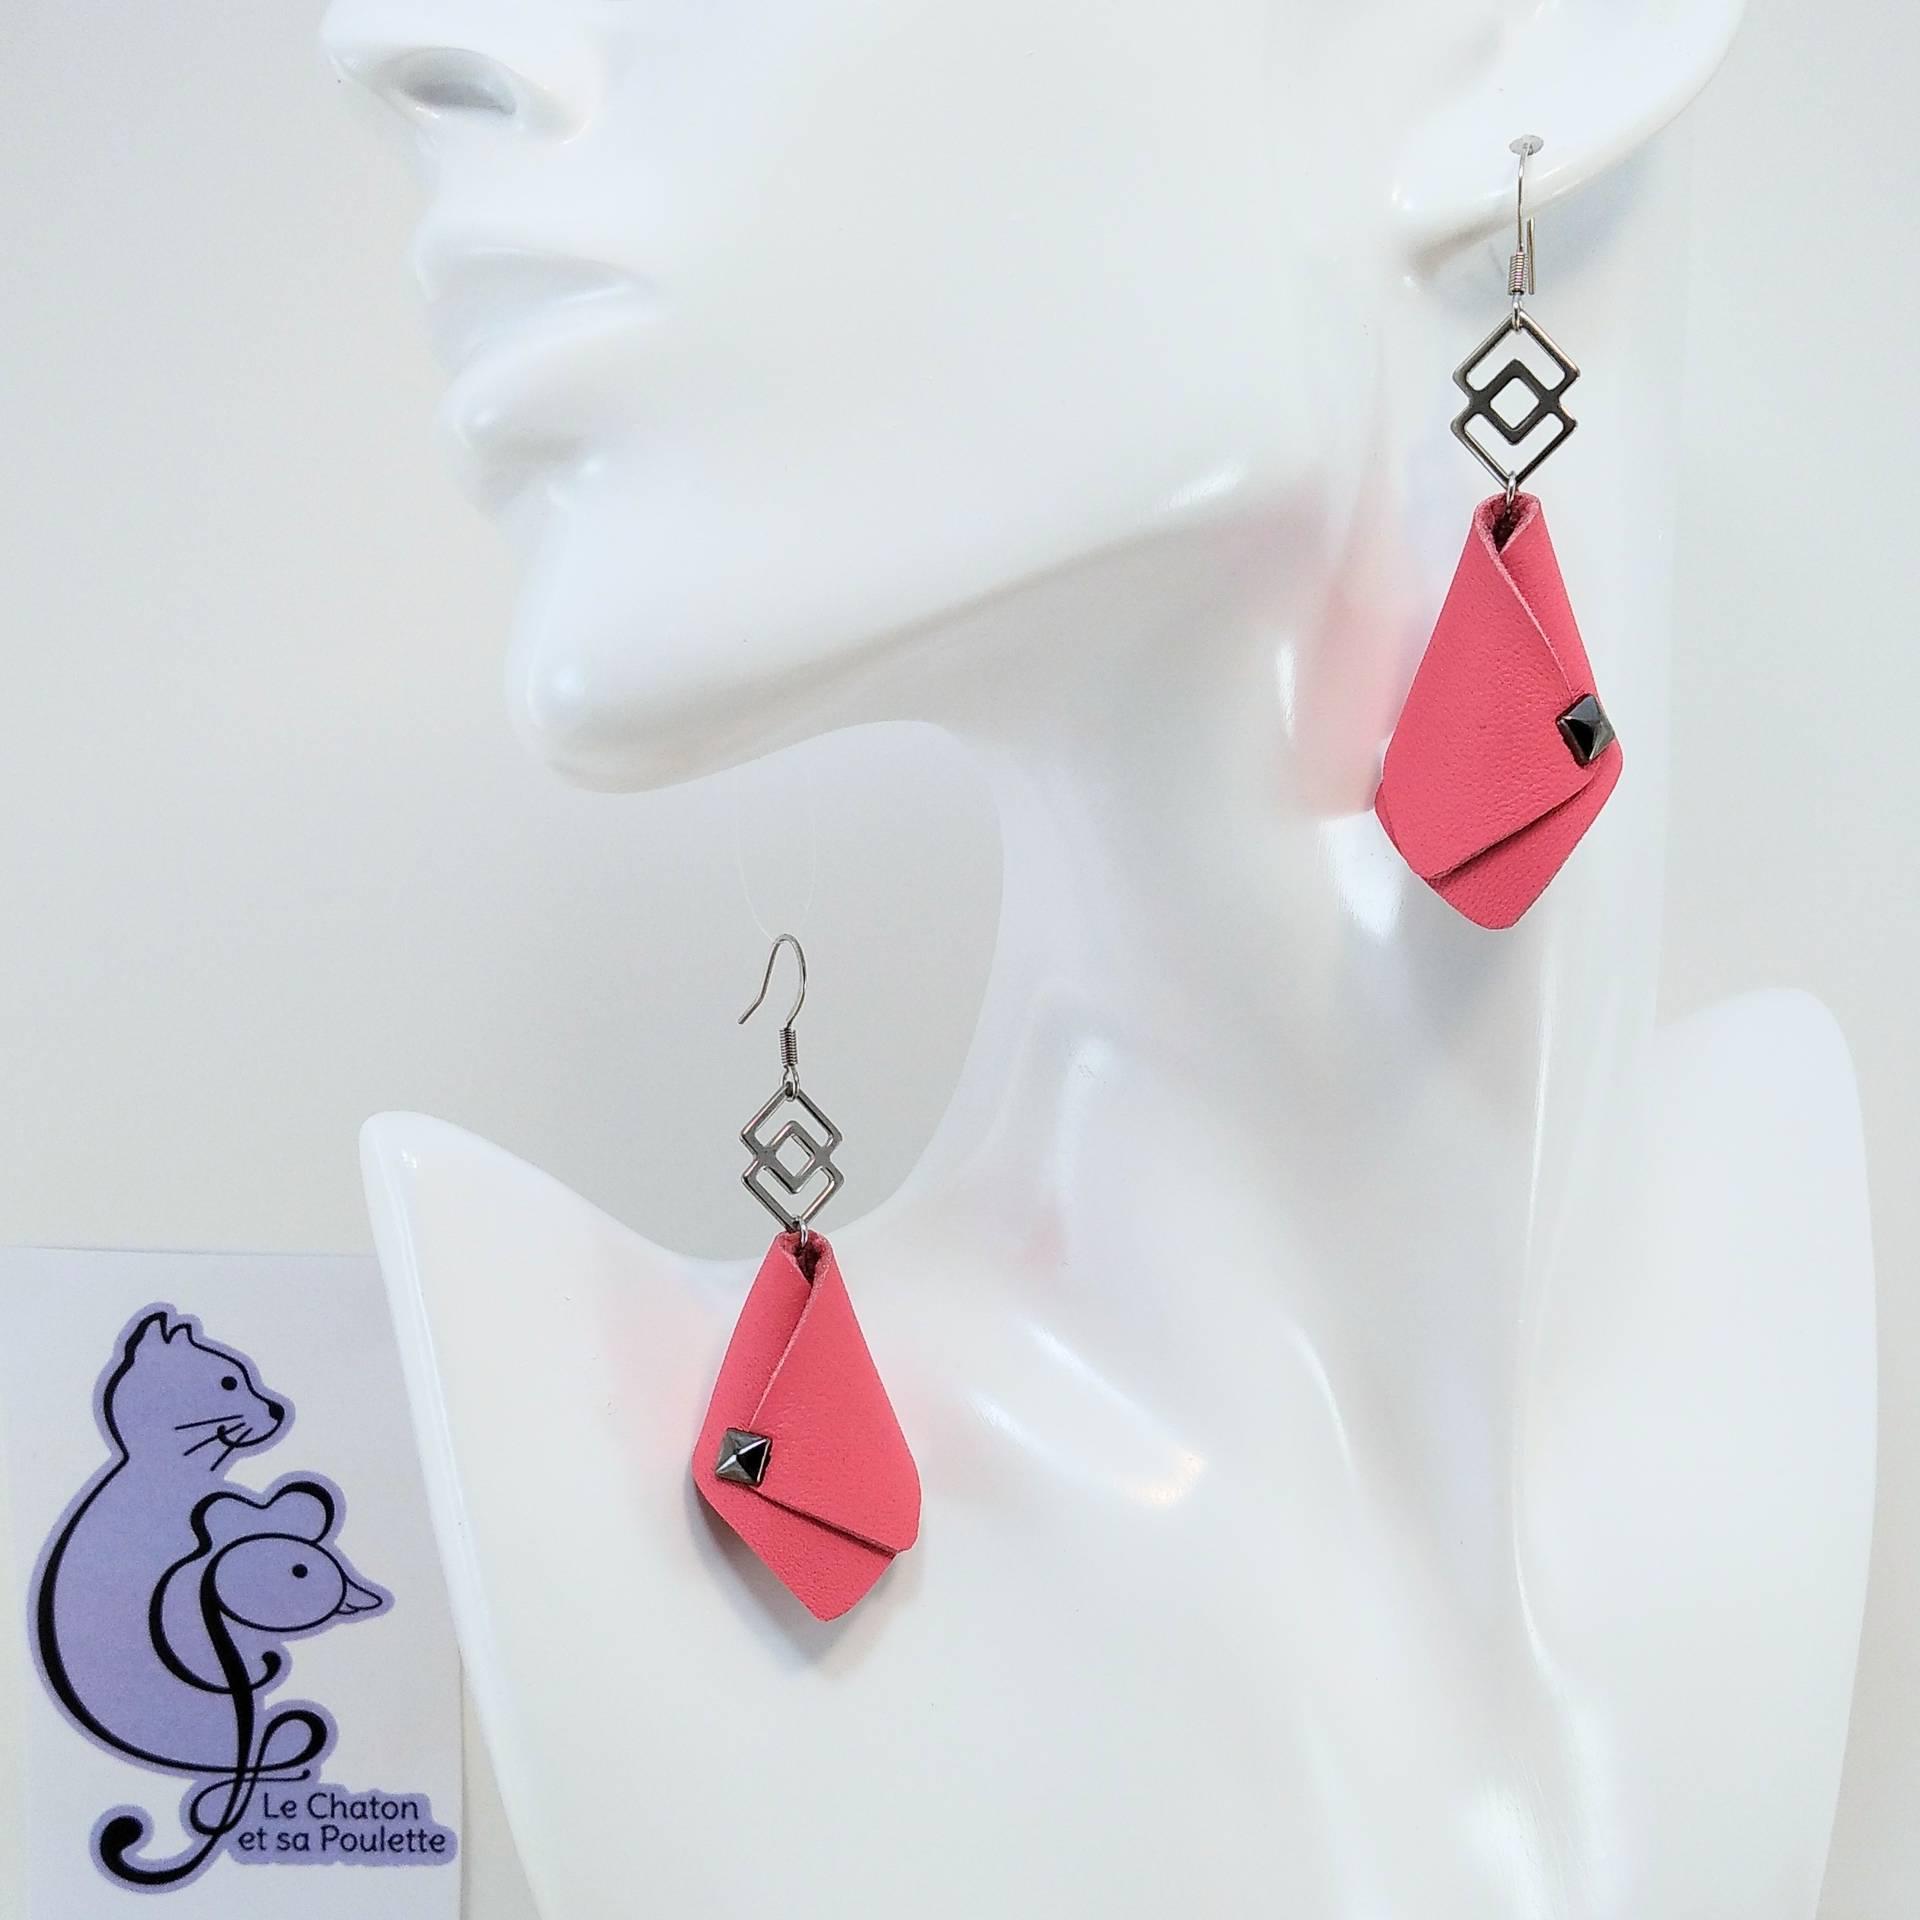 BO FORMIDABLE modèle VAL Cuir rose, breloque inox carrés entrelacés et carré diamant laiton noir